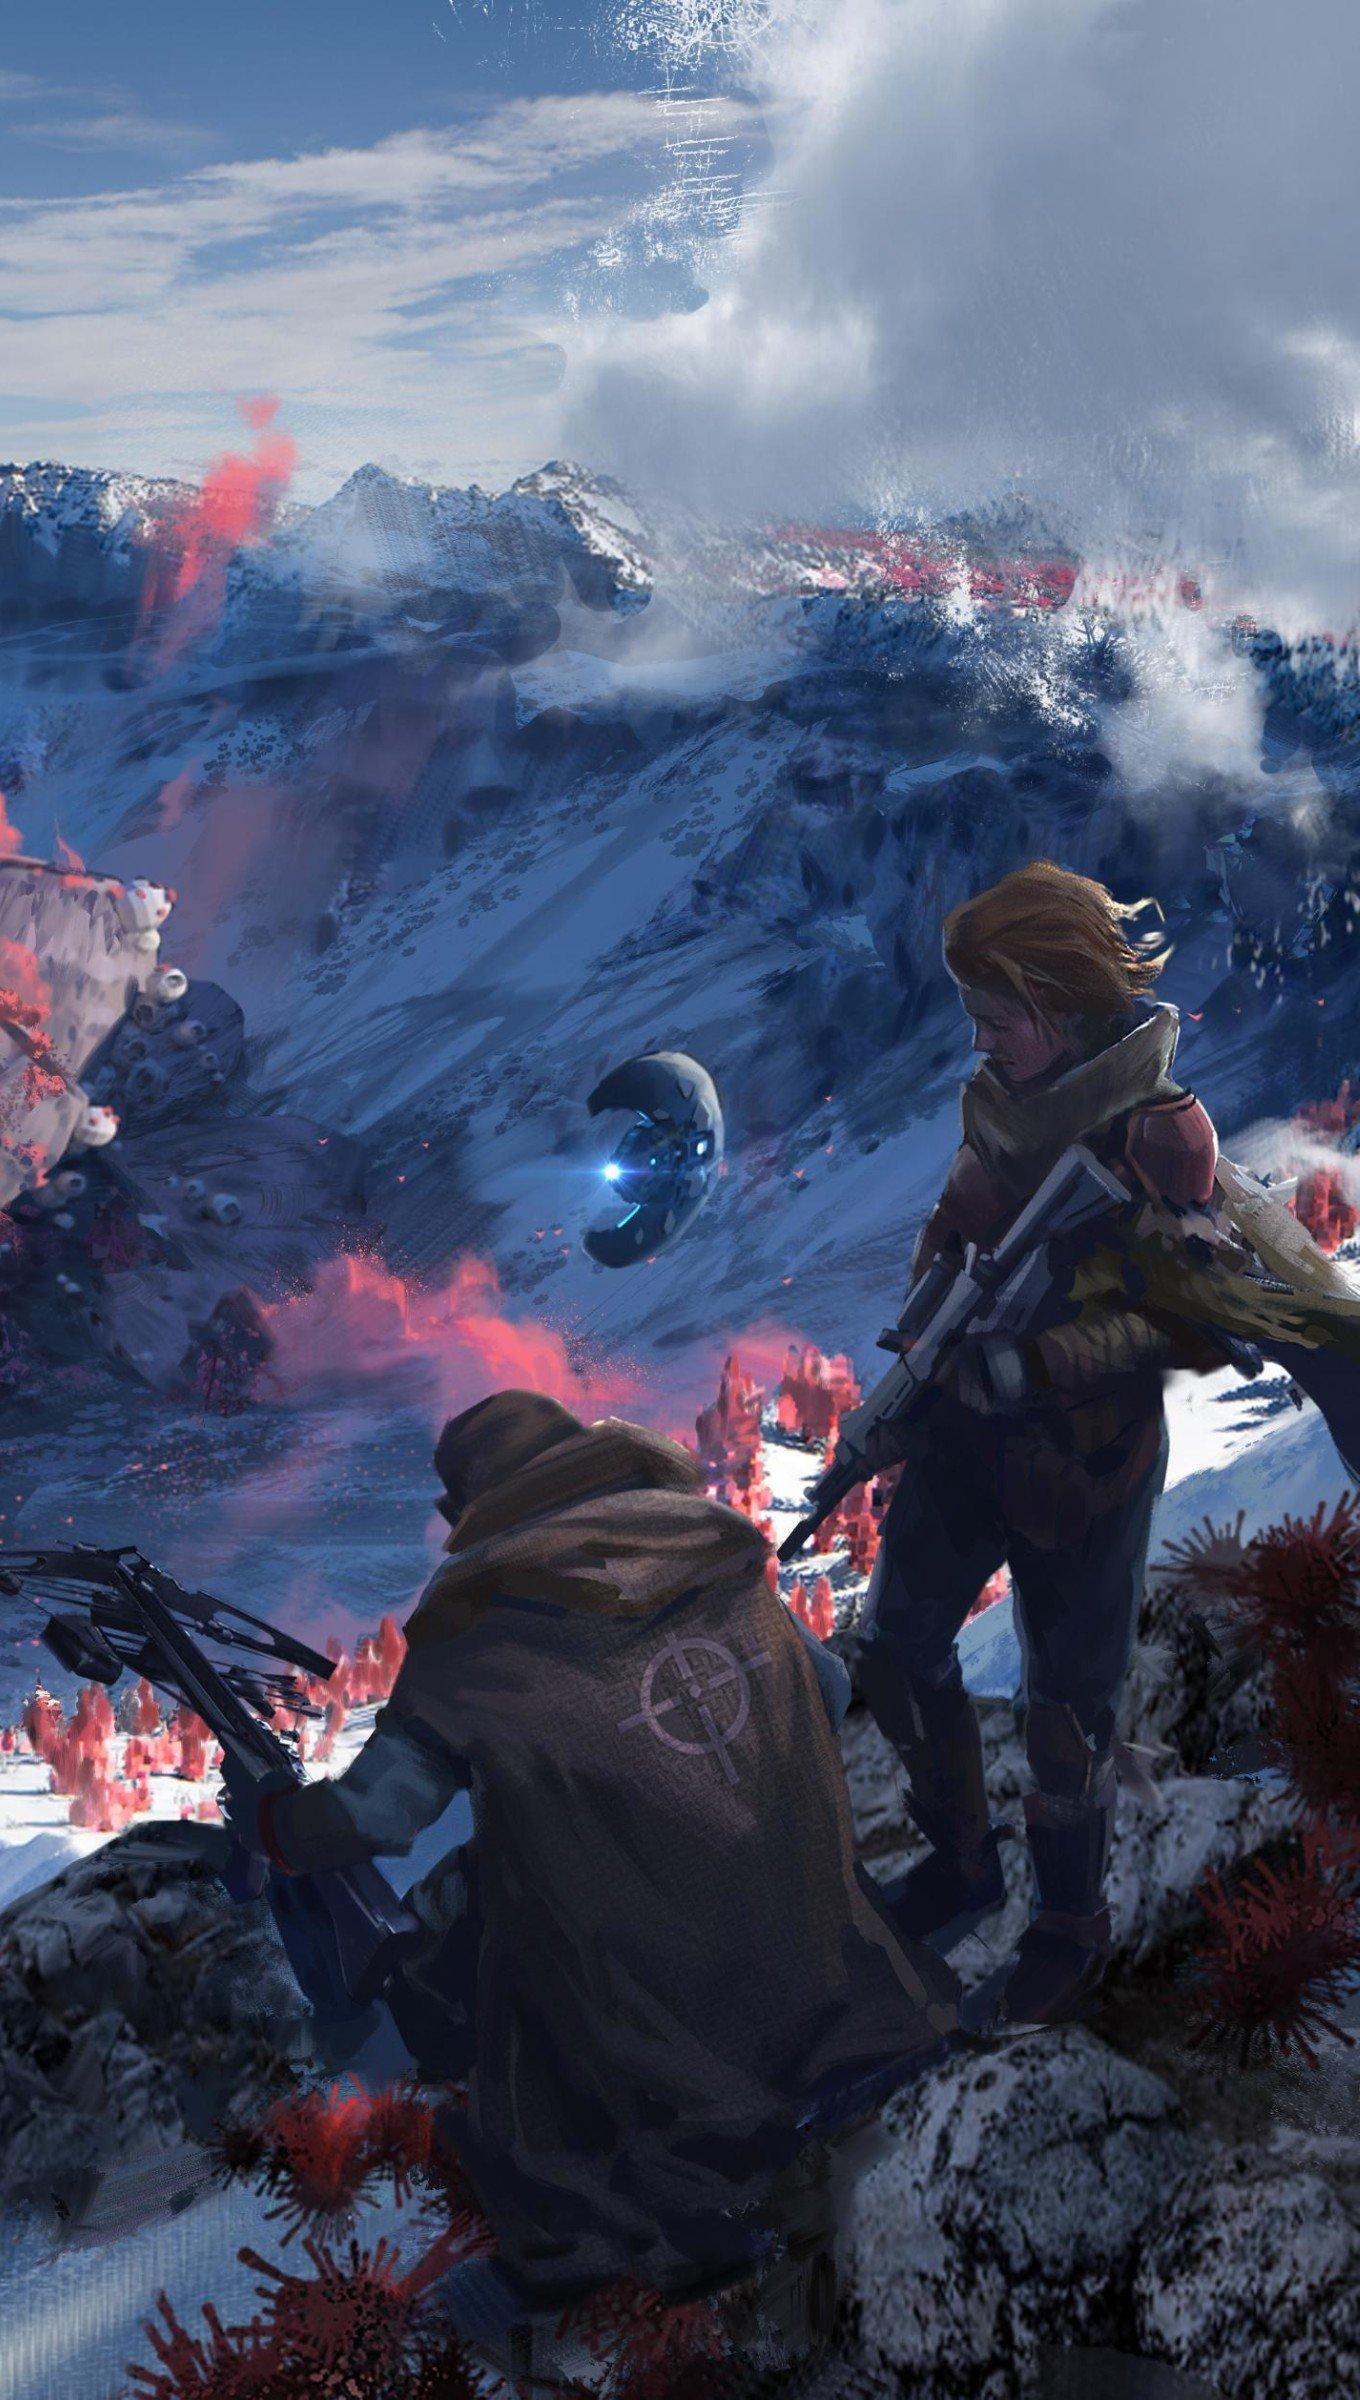 Fondos de pantalla Halo 5 Guardians Scavenger Vertical